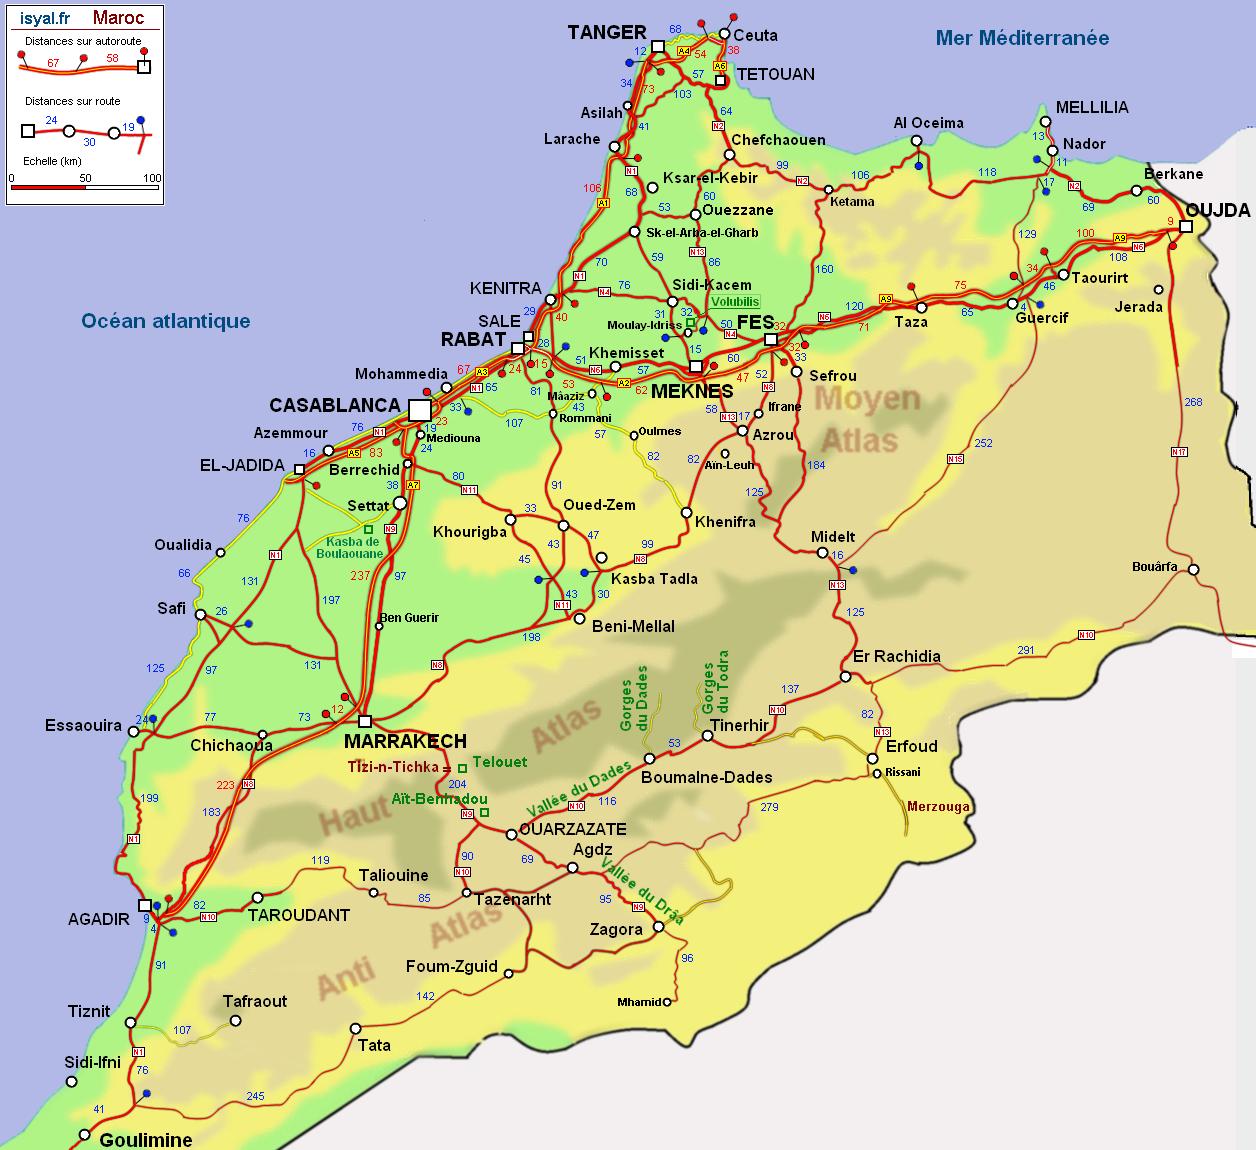 Carte routière détaillée du Maroc avec kilométrage 2011